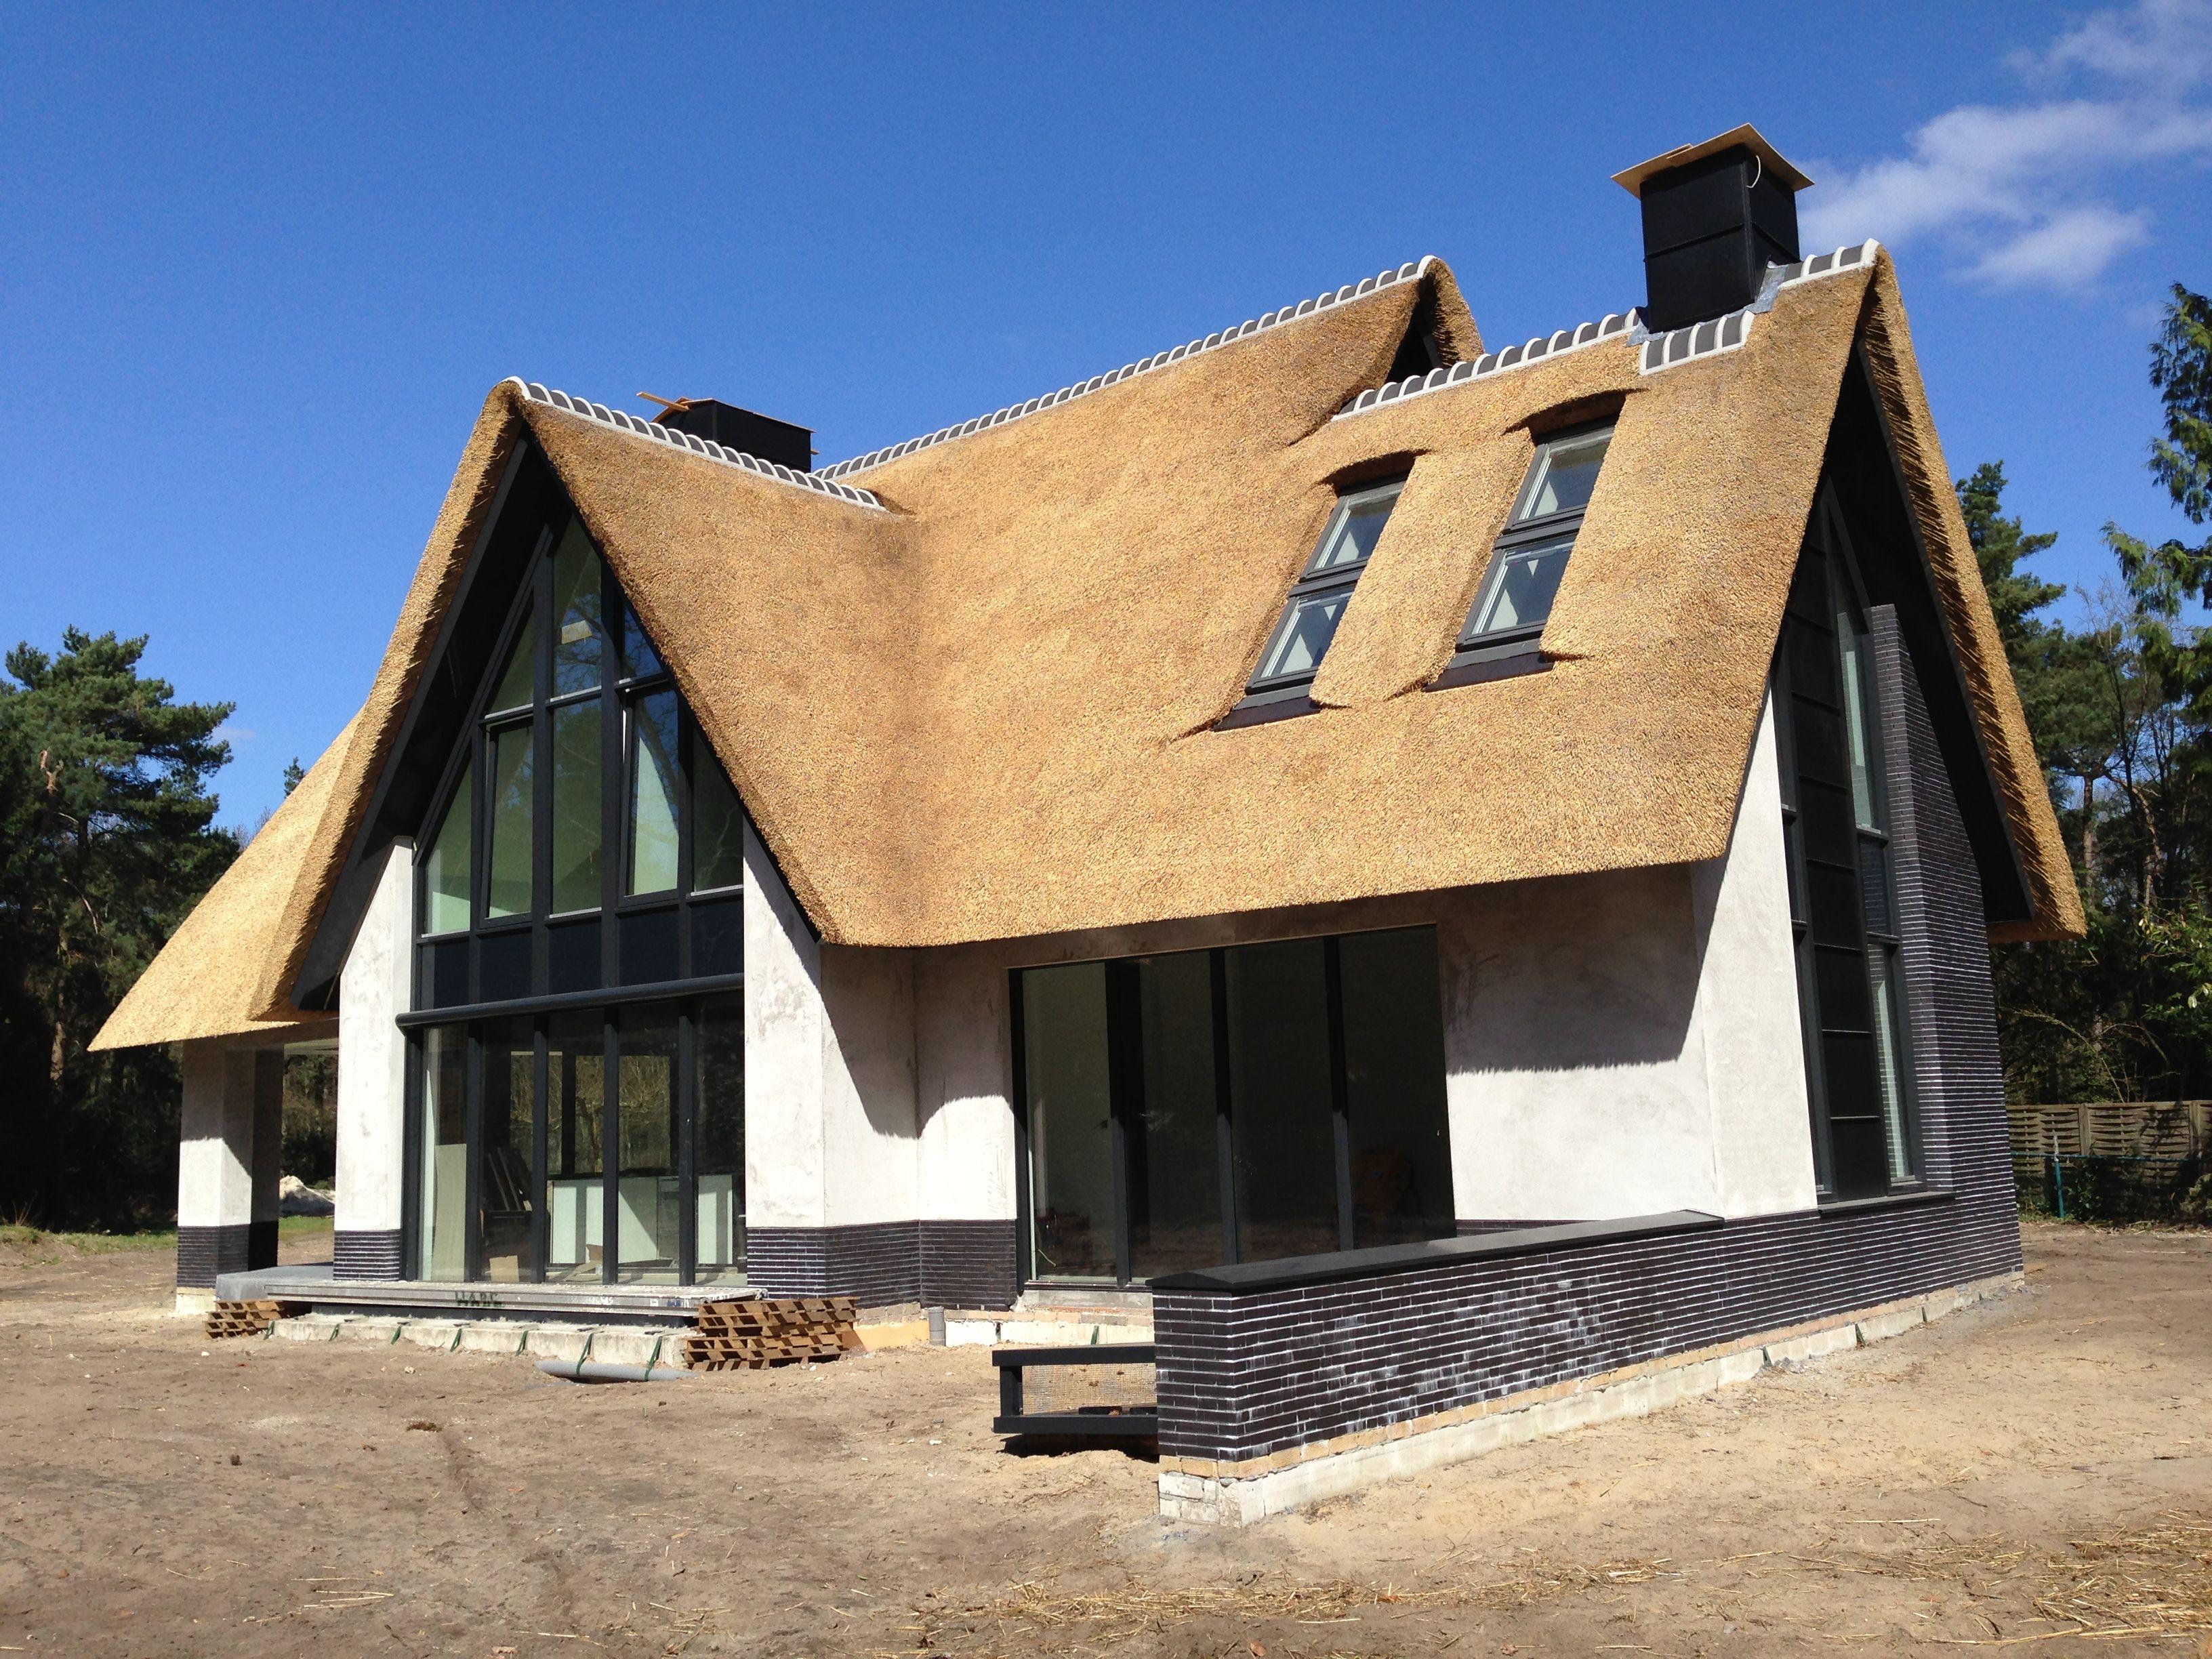 Hoe veel raam er uit ziet bij rieten dak en wit huis ; combinatie